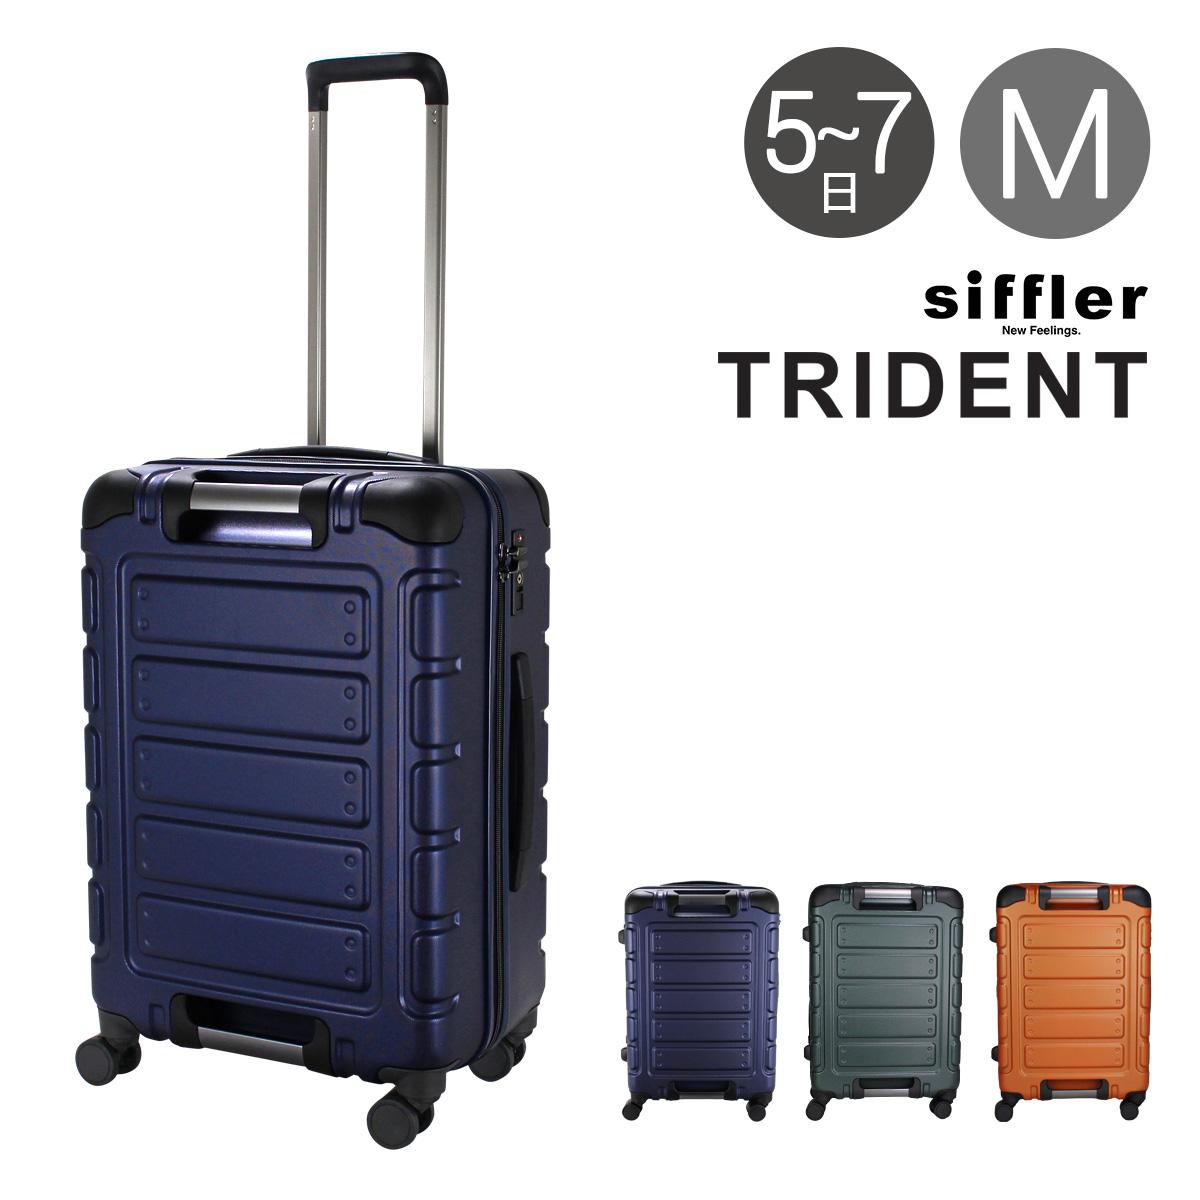 シフレ スーツケース 55L 56cm 3.8kg ハード ファスナー トライデント メンズ TRI2112-56 Siffler | キャリーケース ストッパー付き TSAロック搭載[bef][PO10]